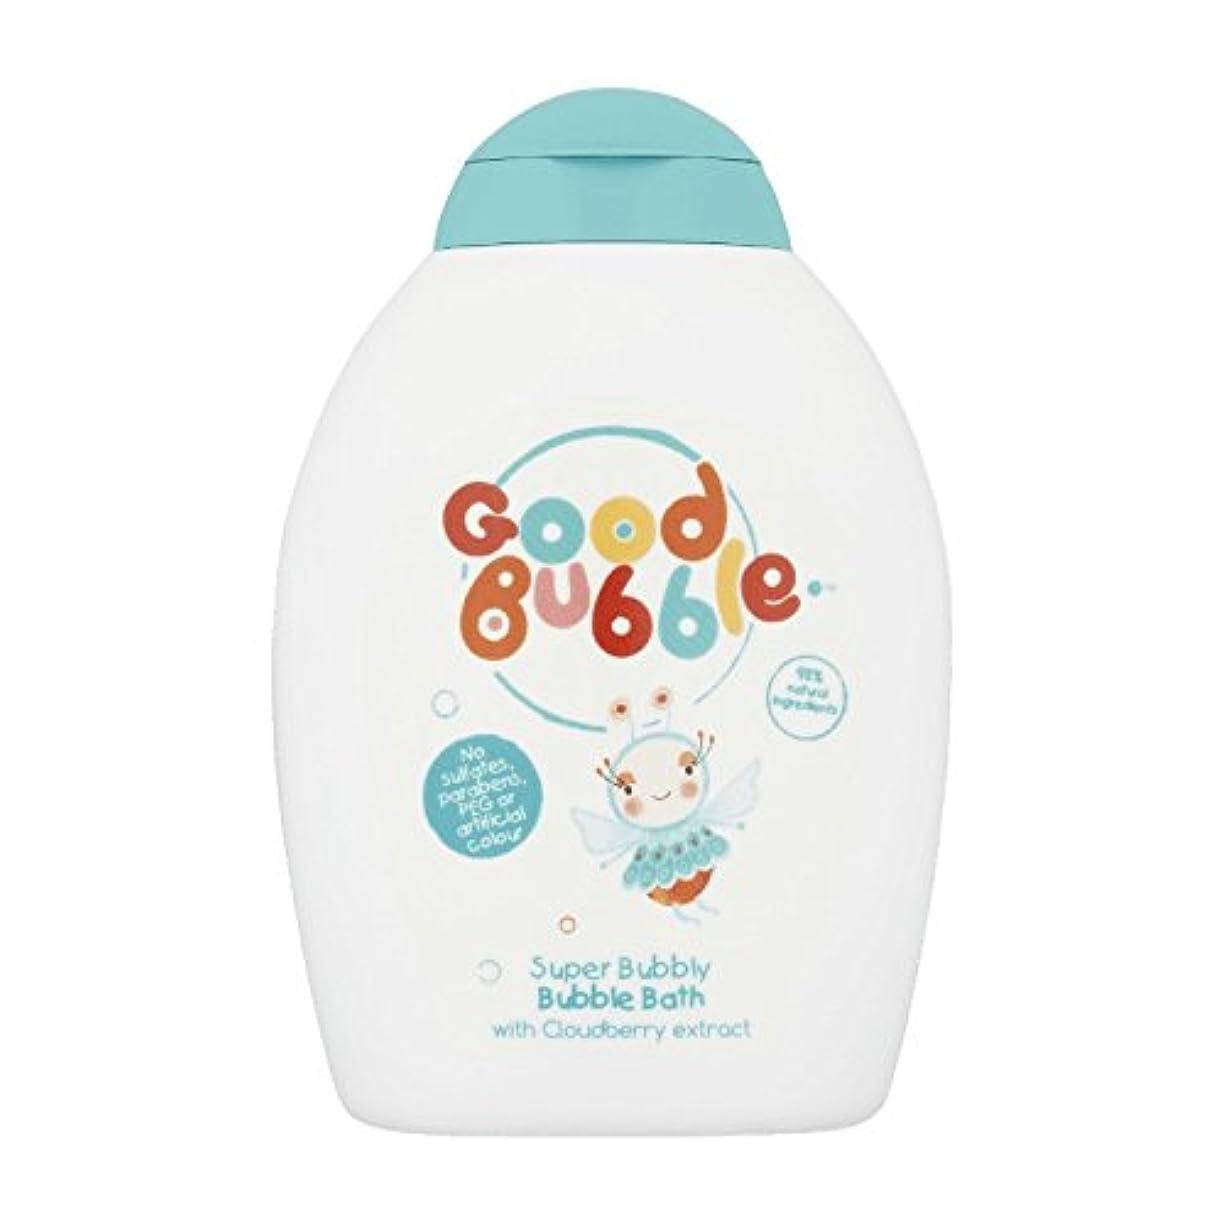 あまりにも事務所些細な良いバブルクラウドベリーバブルバス400ミリリットル - Good Bubble Cloudberry Bubble Bath 400ml (Good Bubble) [並行輸入品]